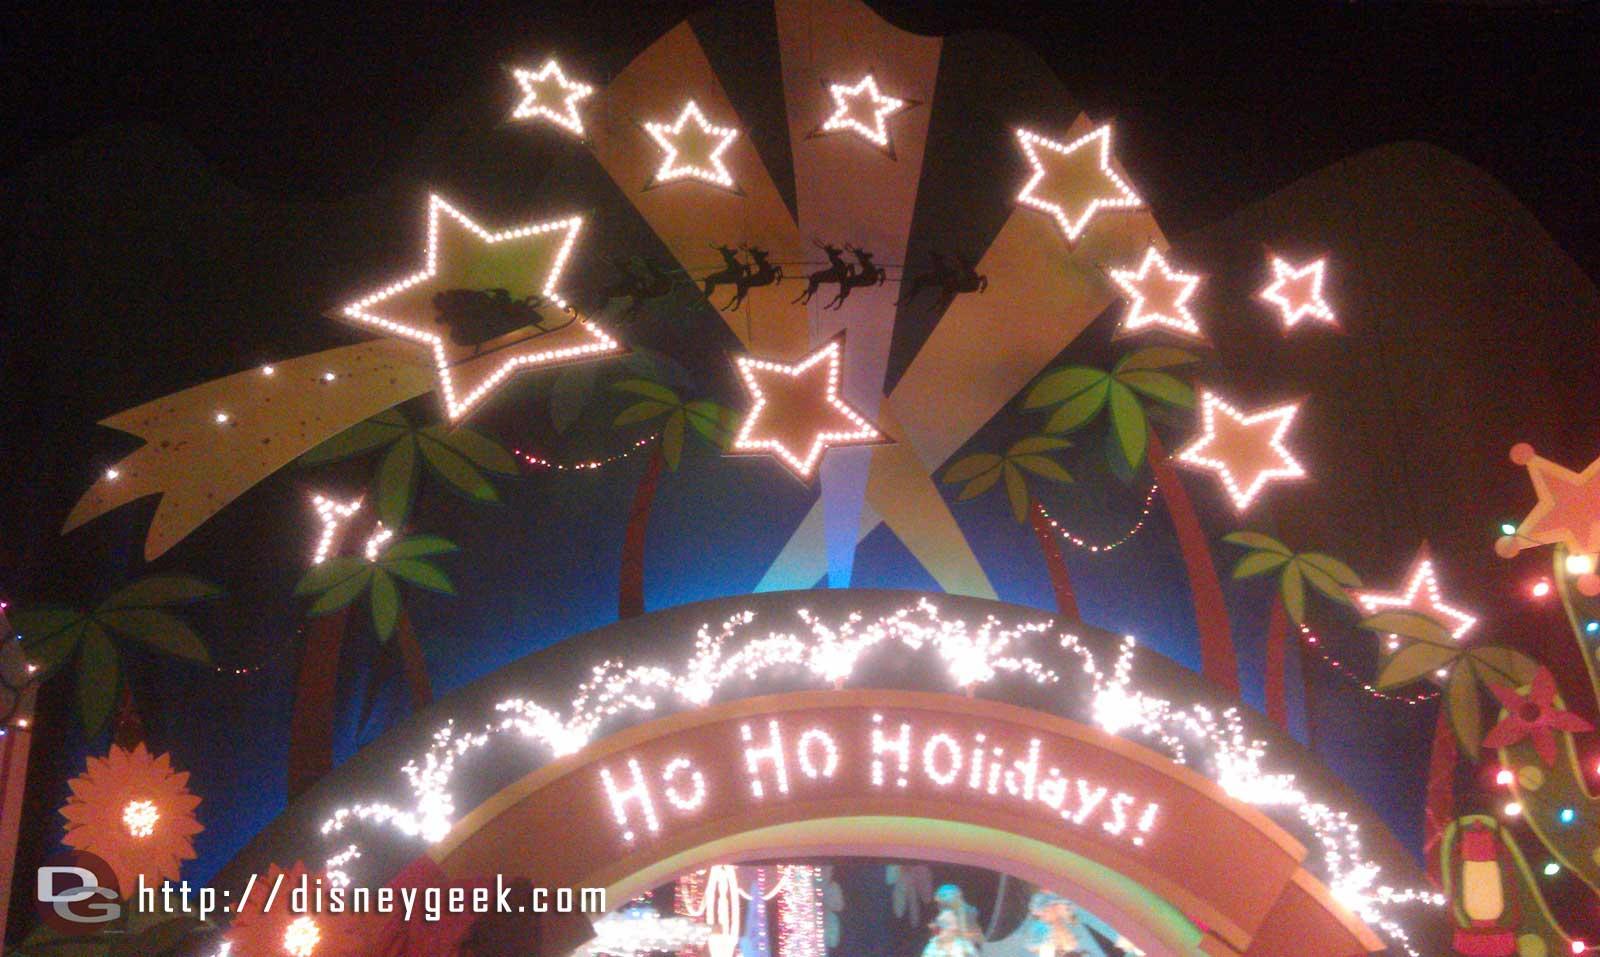 Small World Holiday – HO HO Holidays